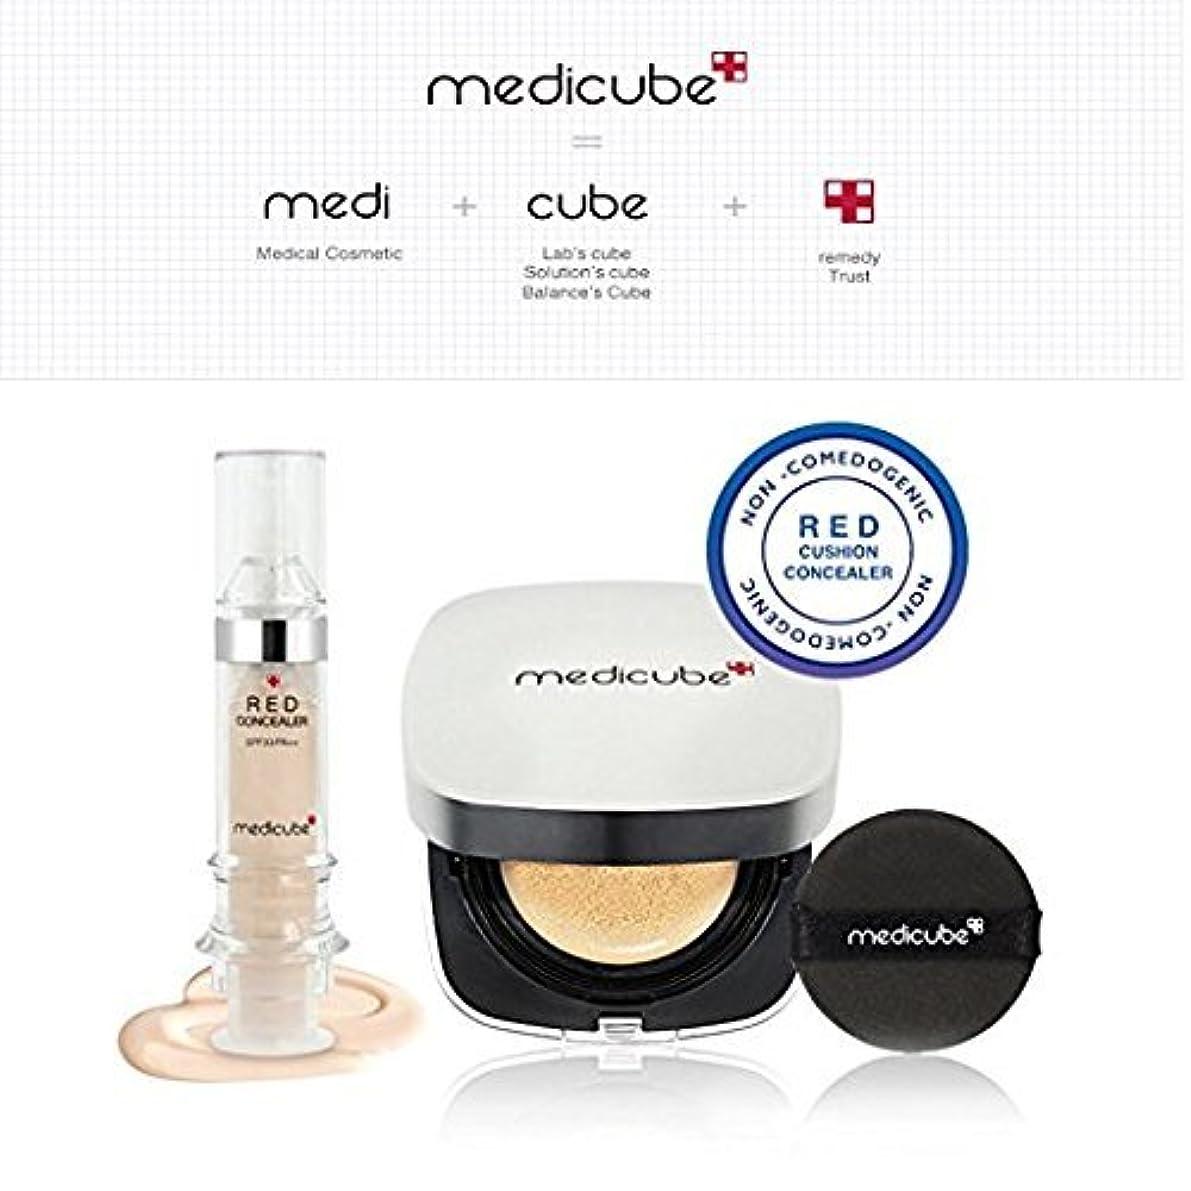 Medicube メディキューブレッドクッション(15g) + コンシーラセット(5.5ml) 正品?海外直送商品 (Cushion #23 + #23)